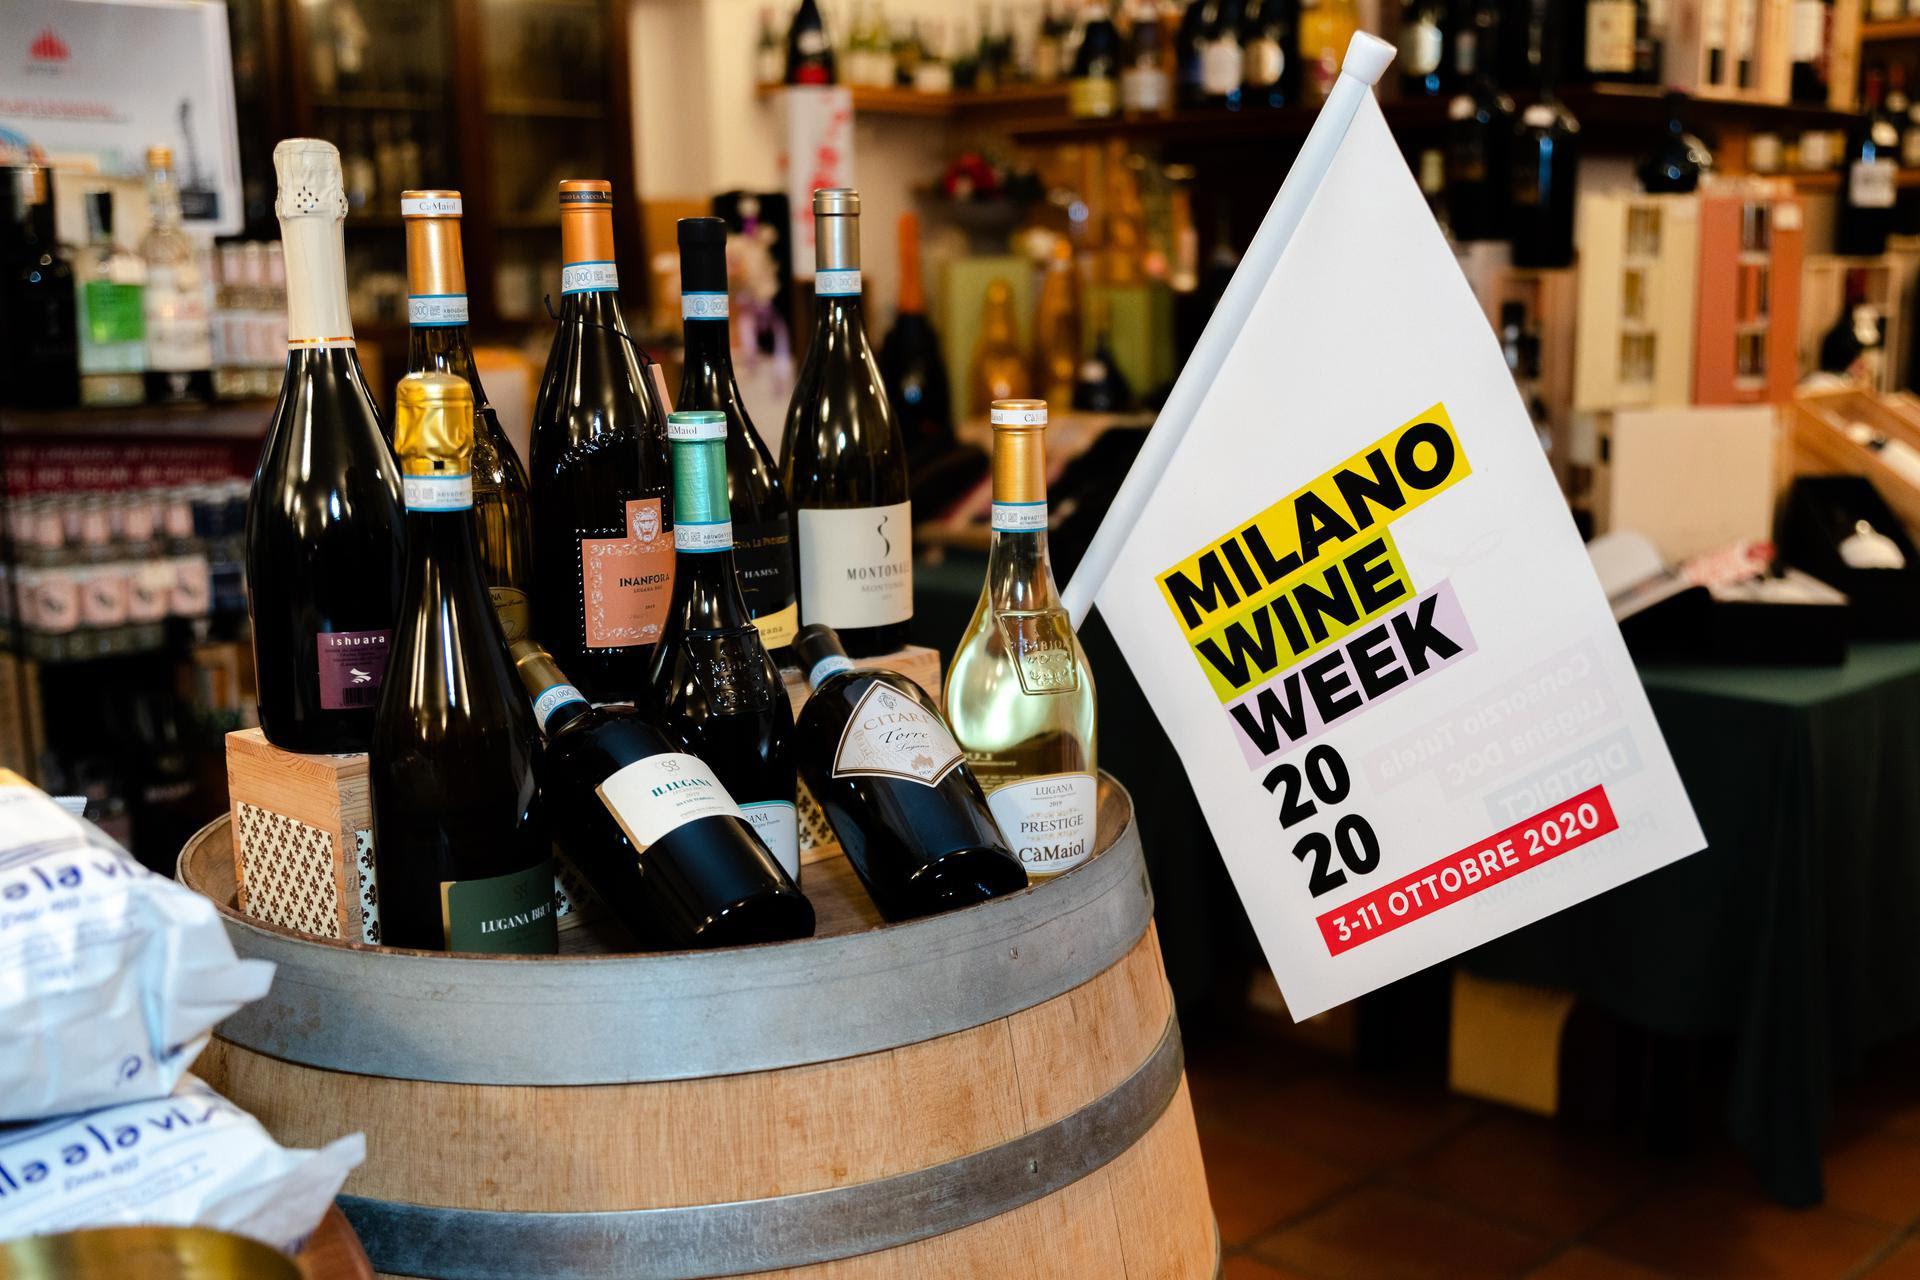 Milano Wine